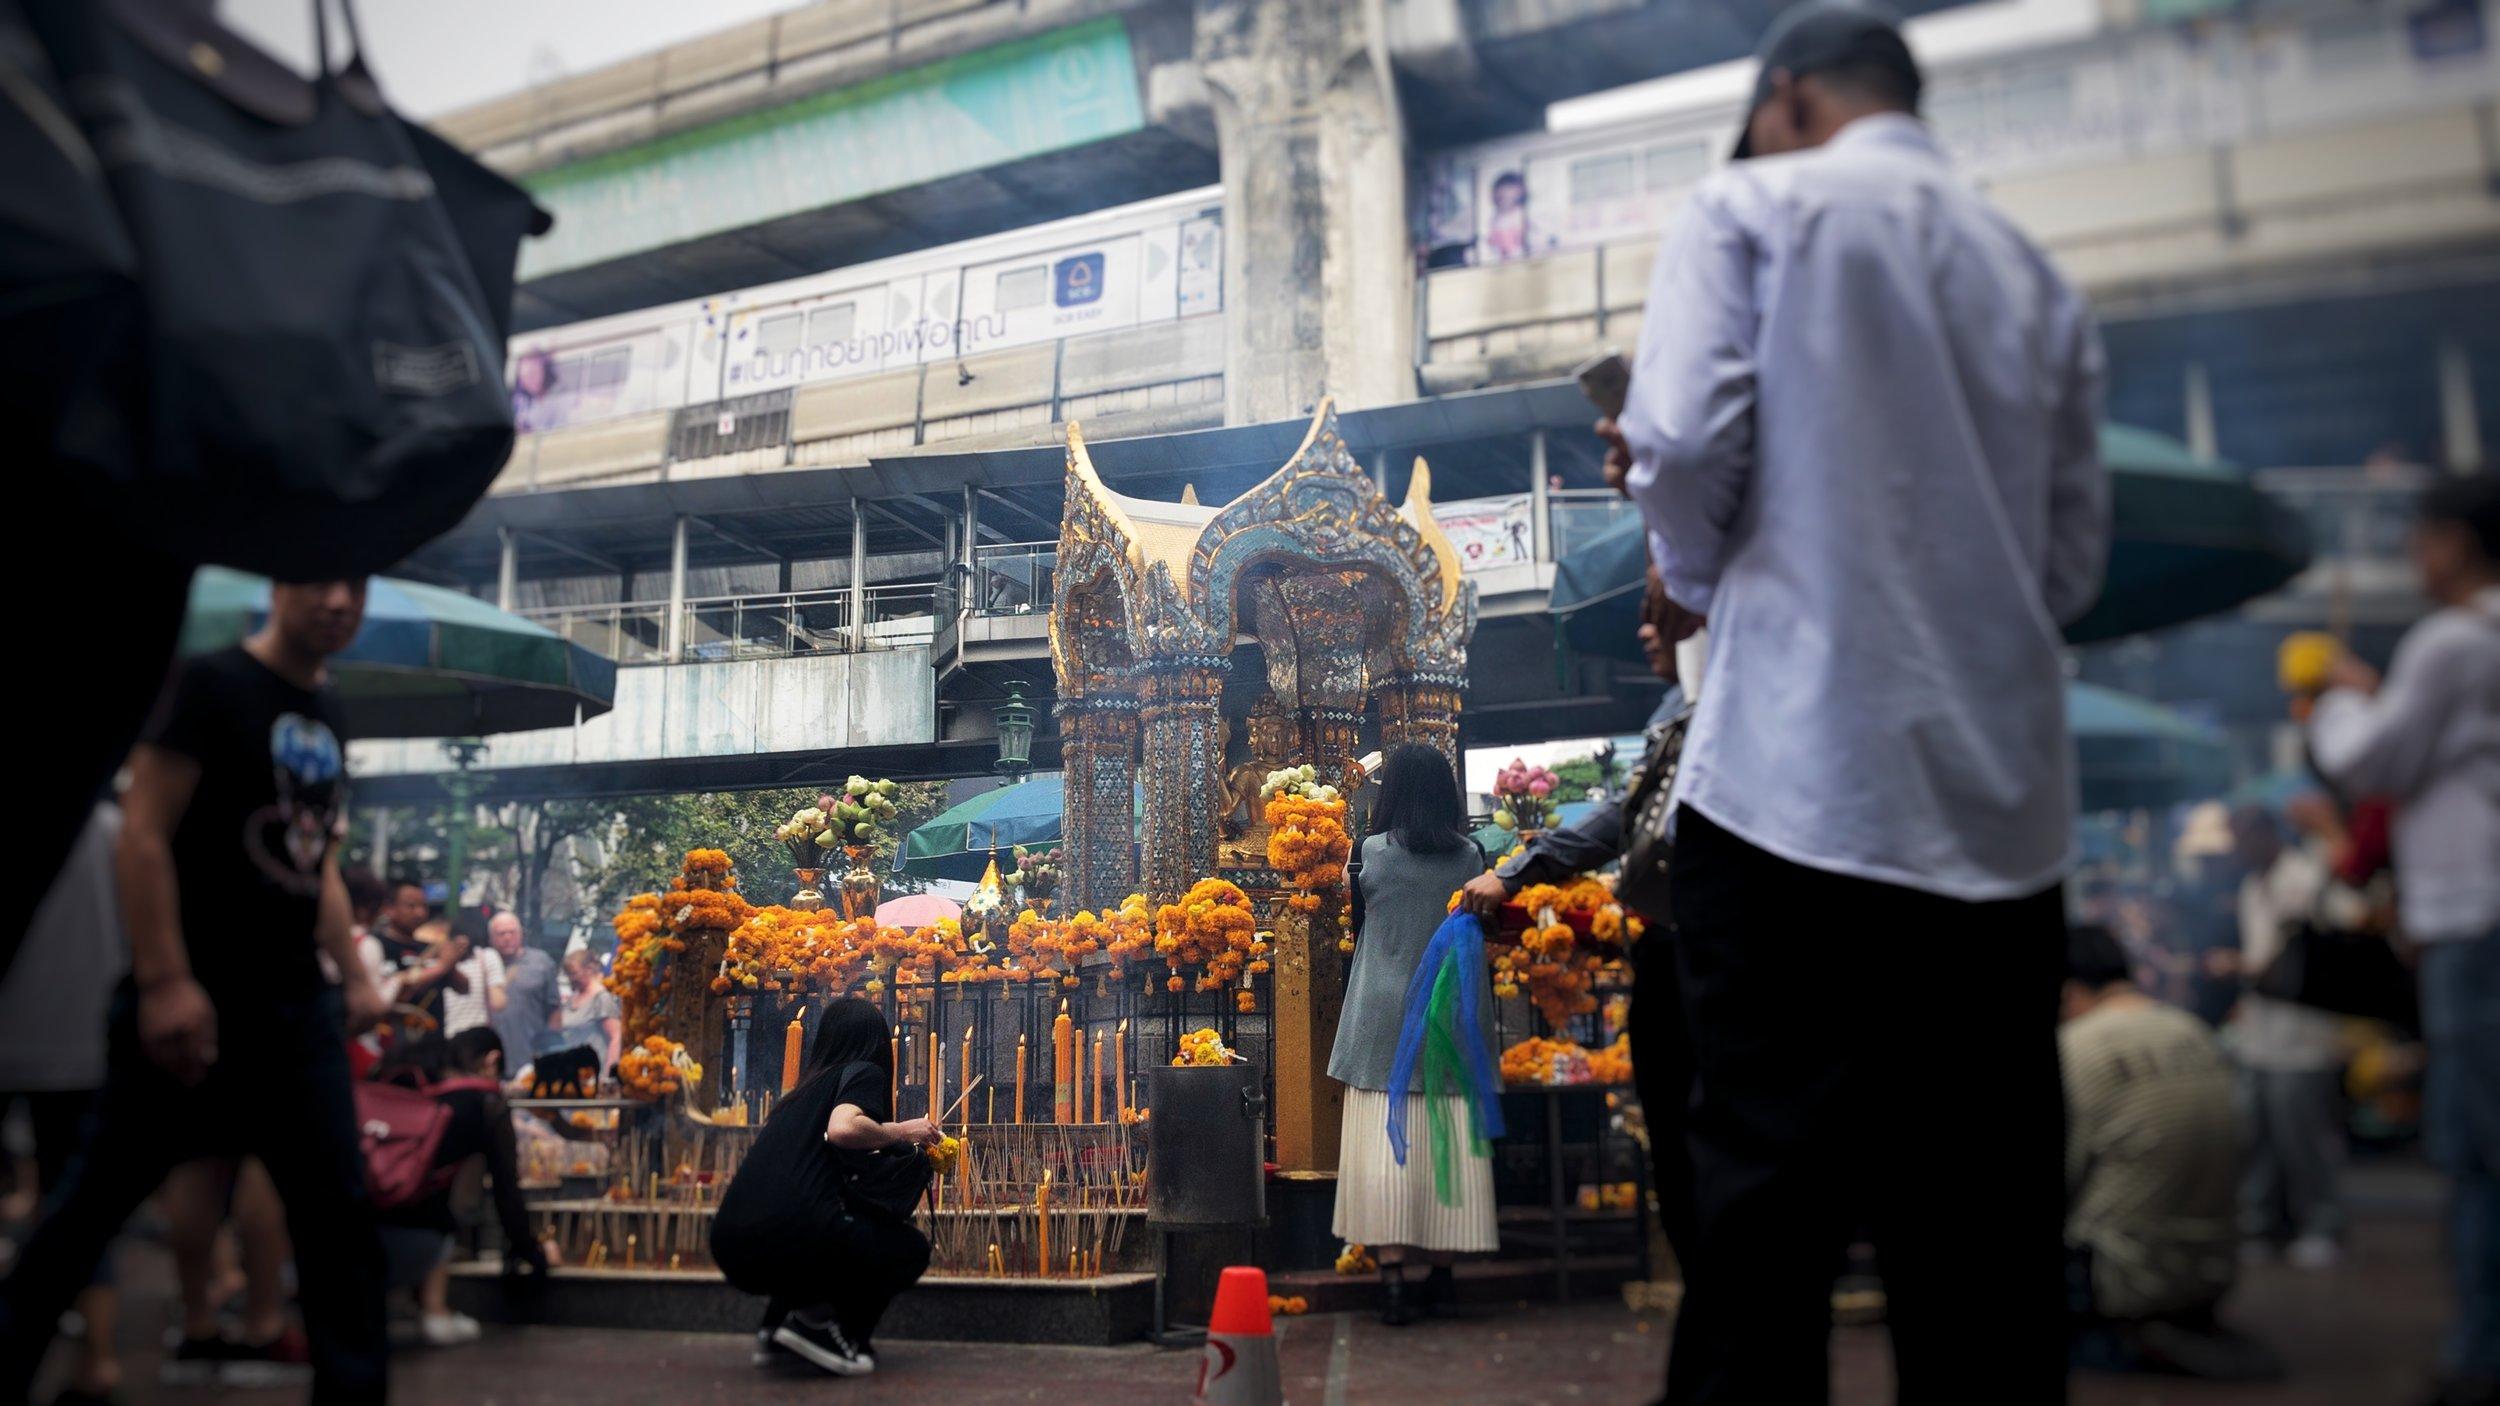 The Four Faces Pagoda in Bangkok, Thailand.